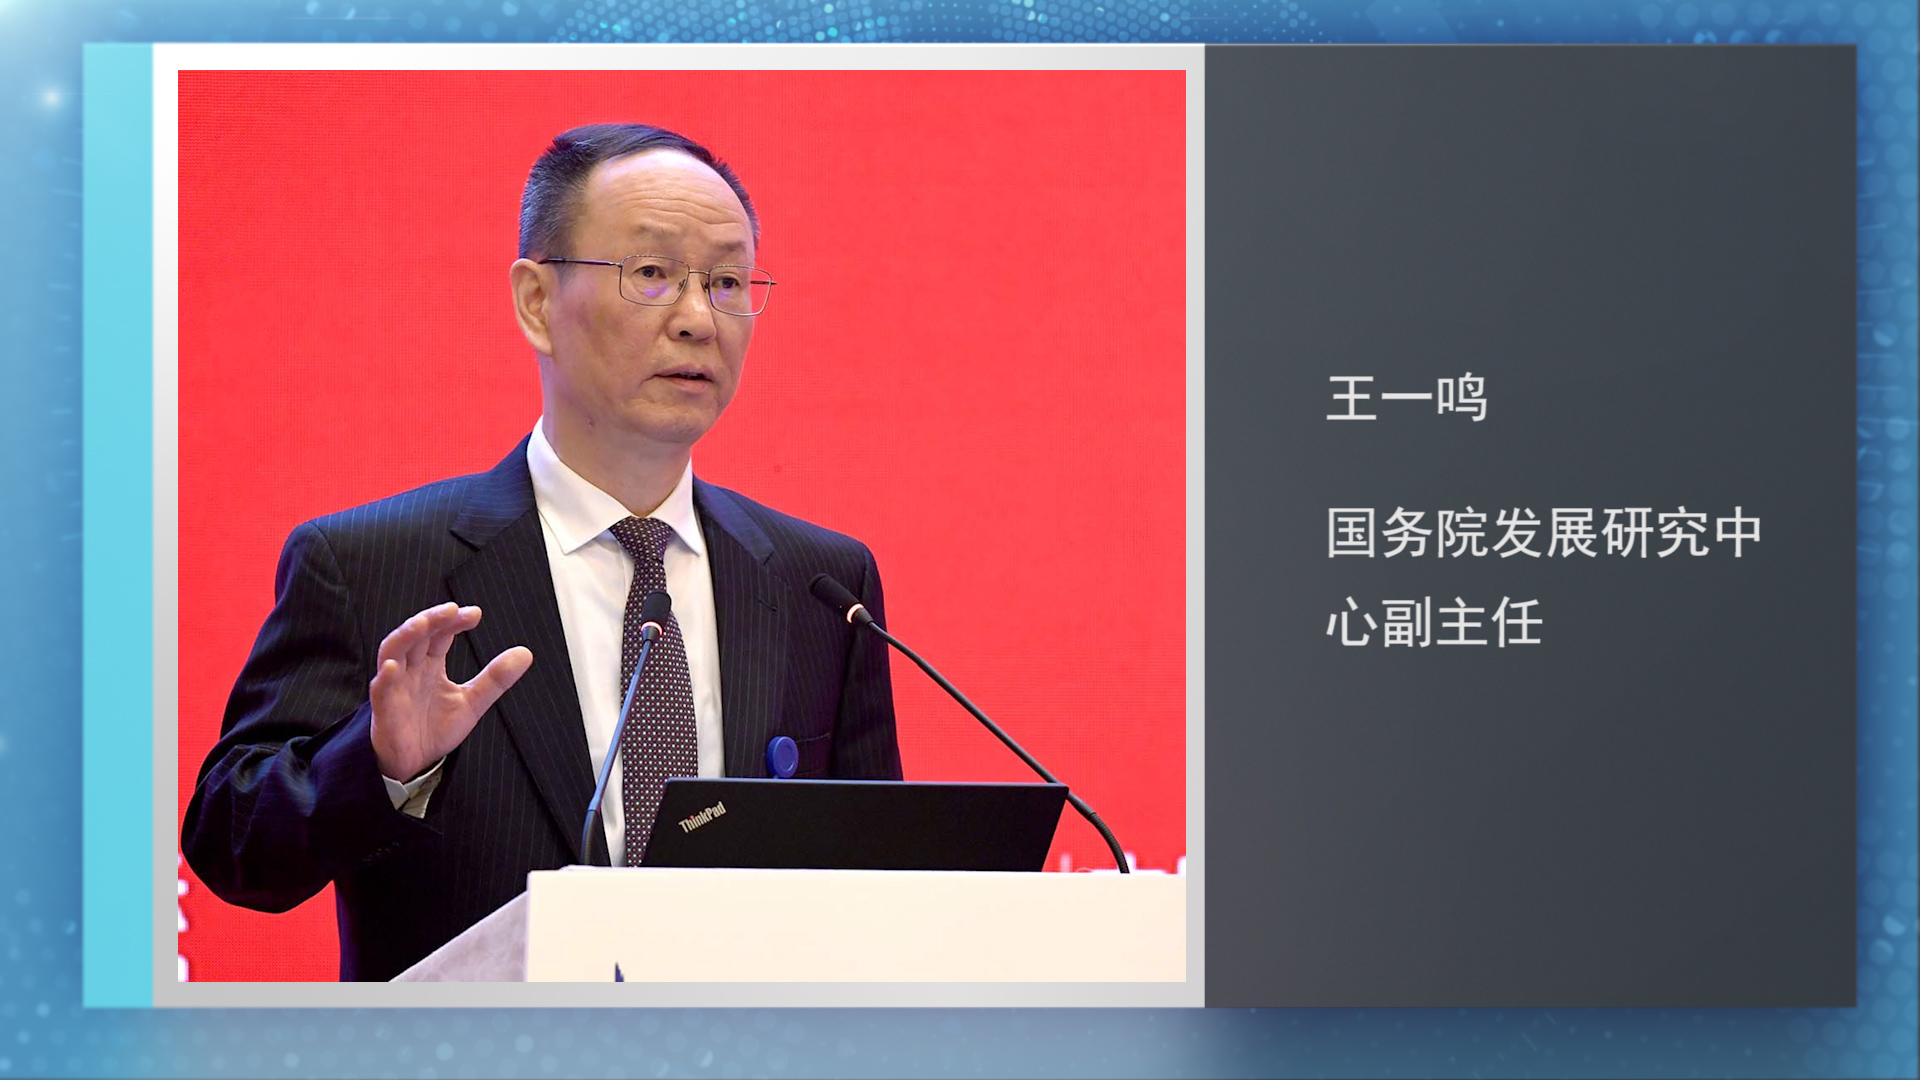 王一鸣:全球债务水平居高增大金融市场风险